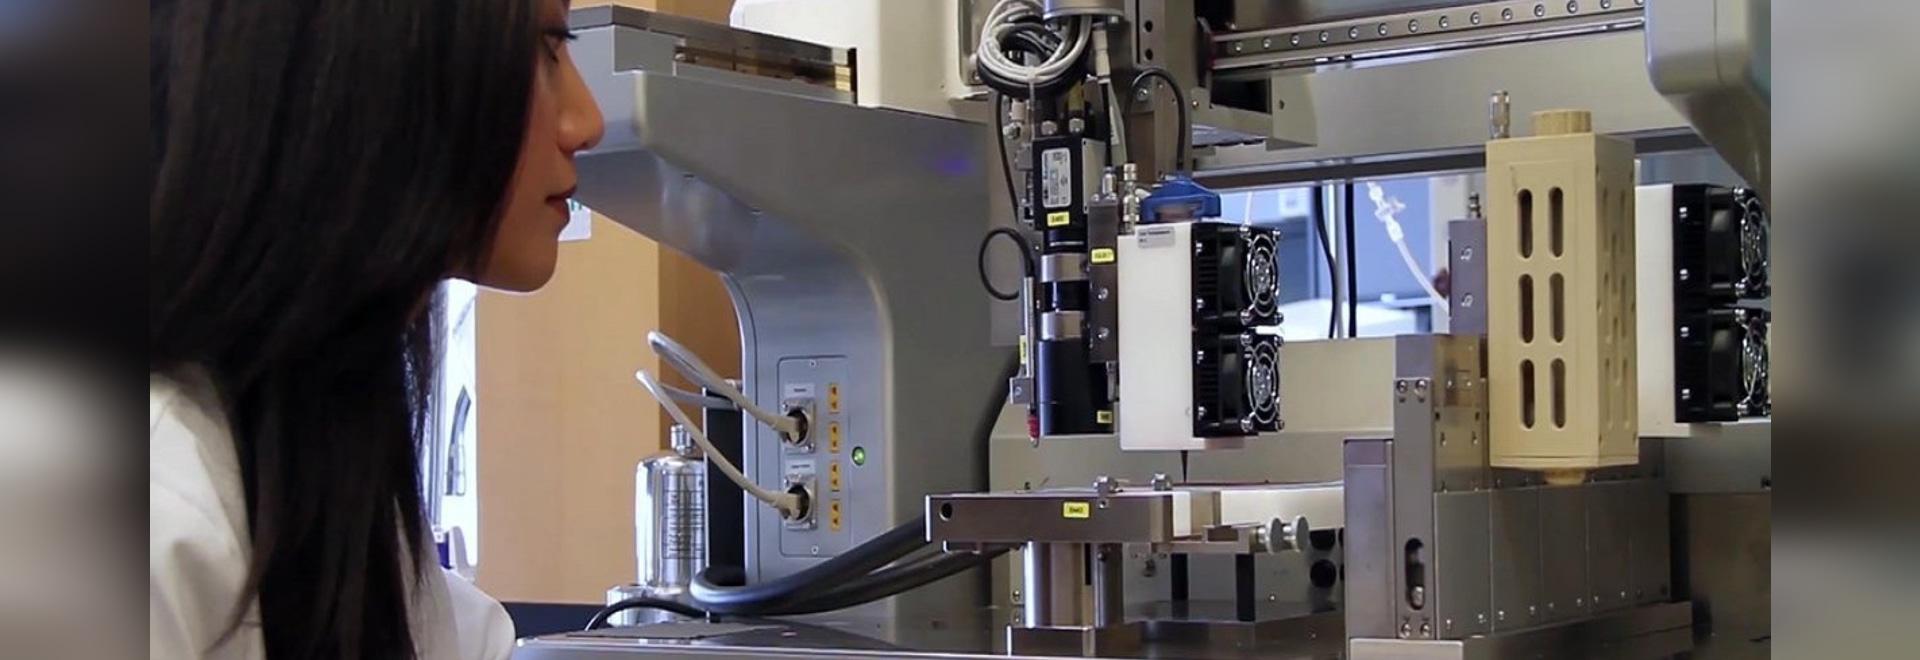 El bioplotter 3D de EnvisionTEC